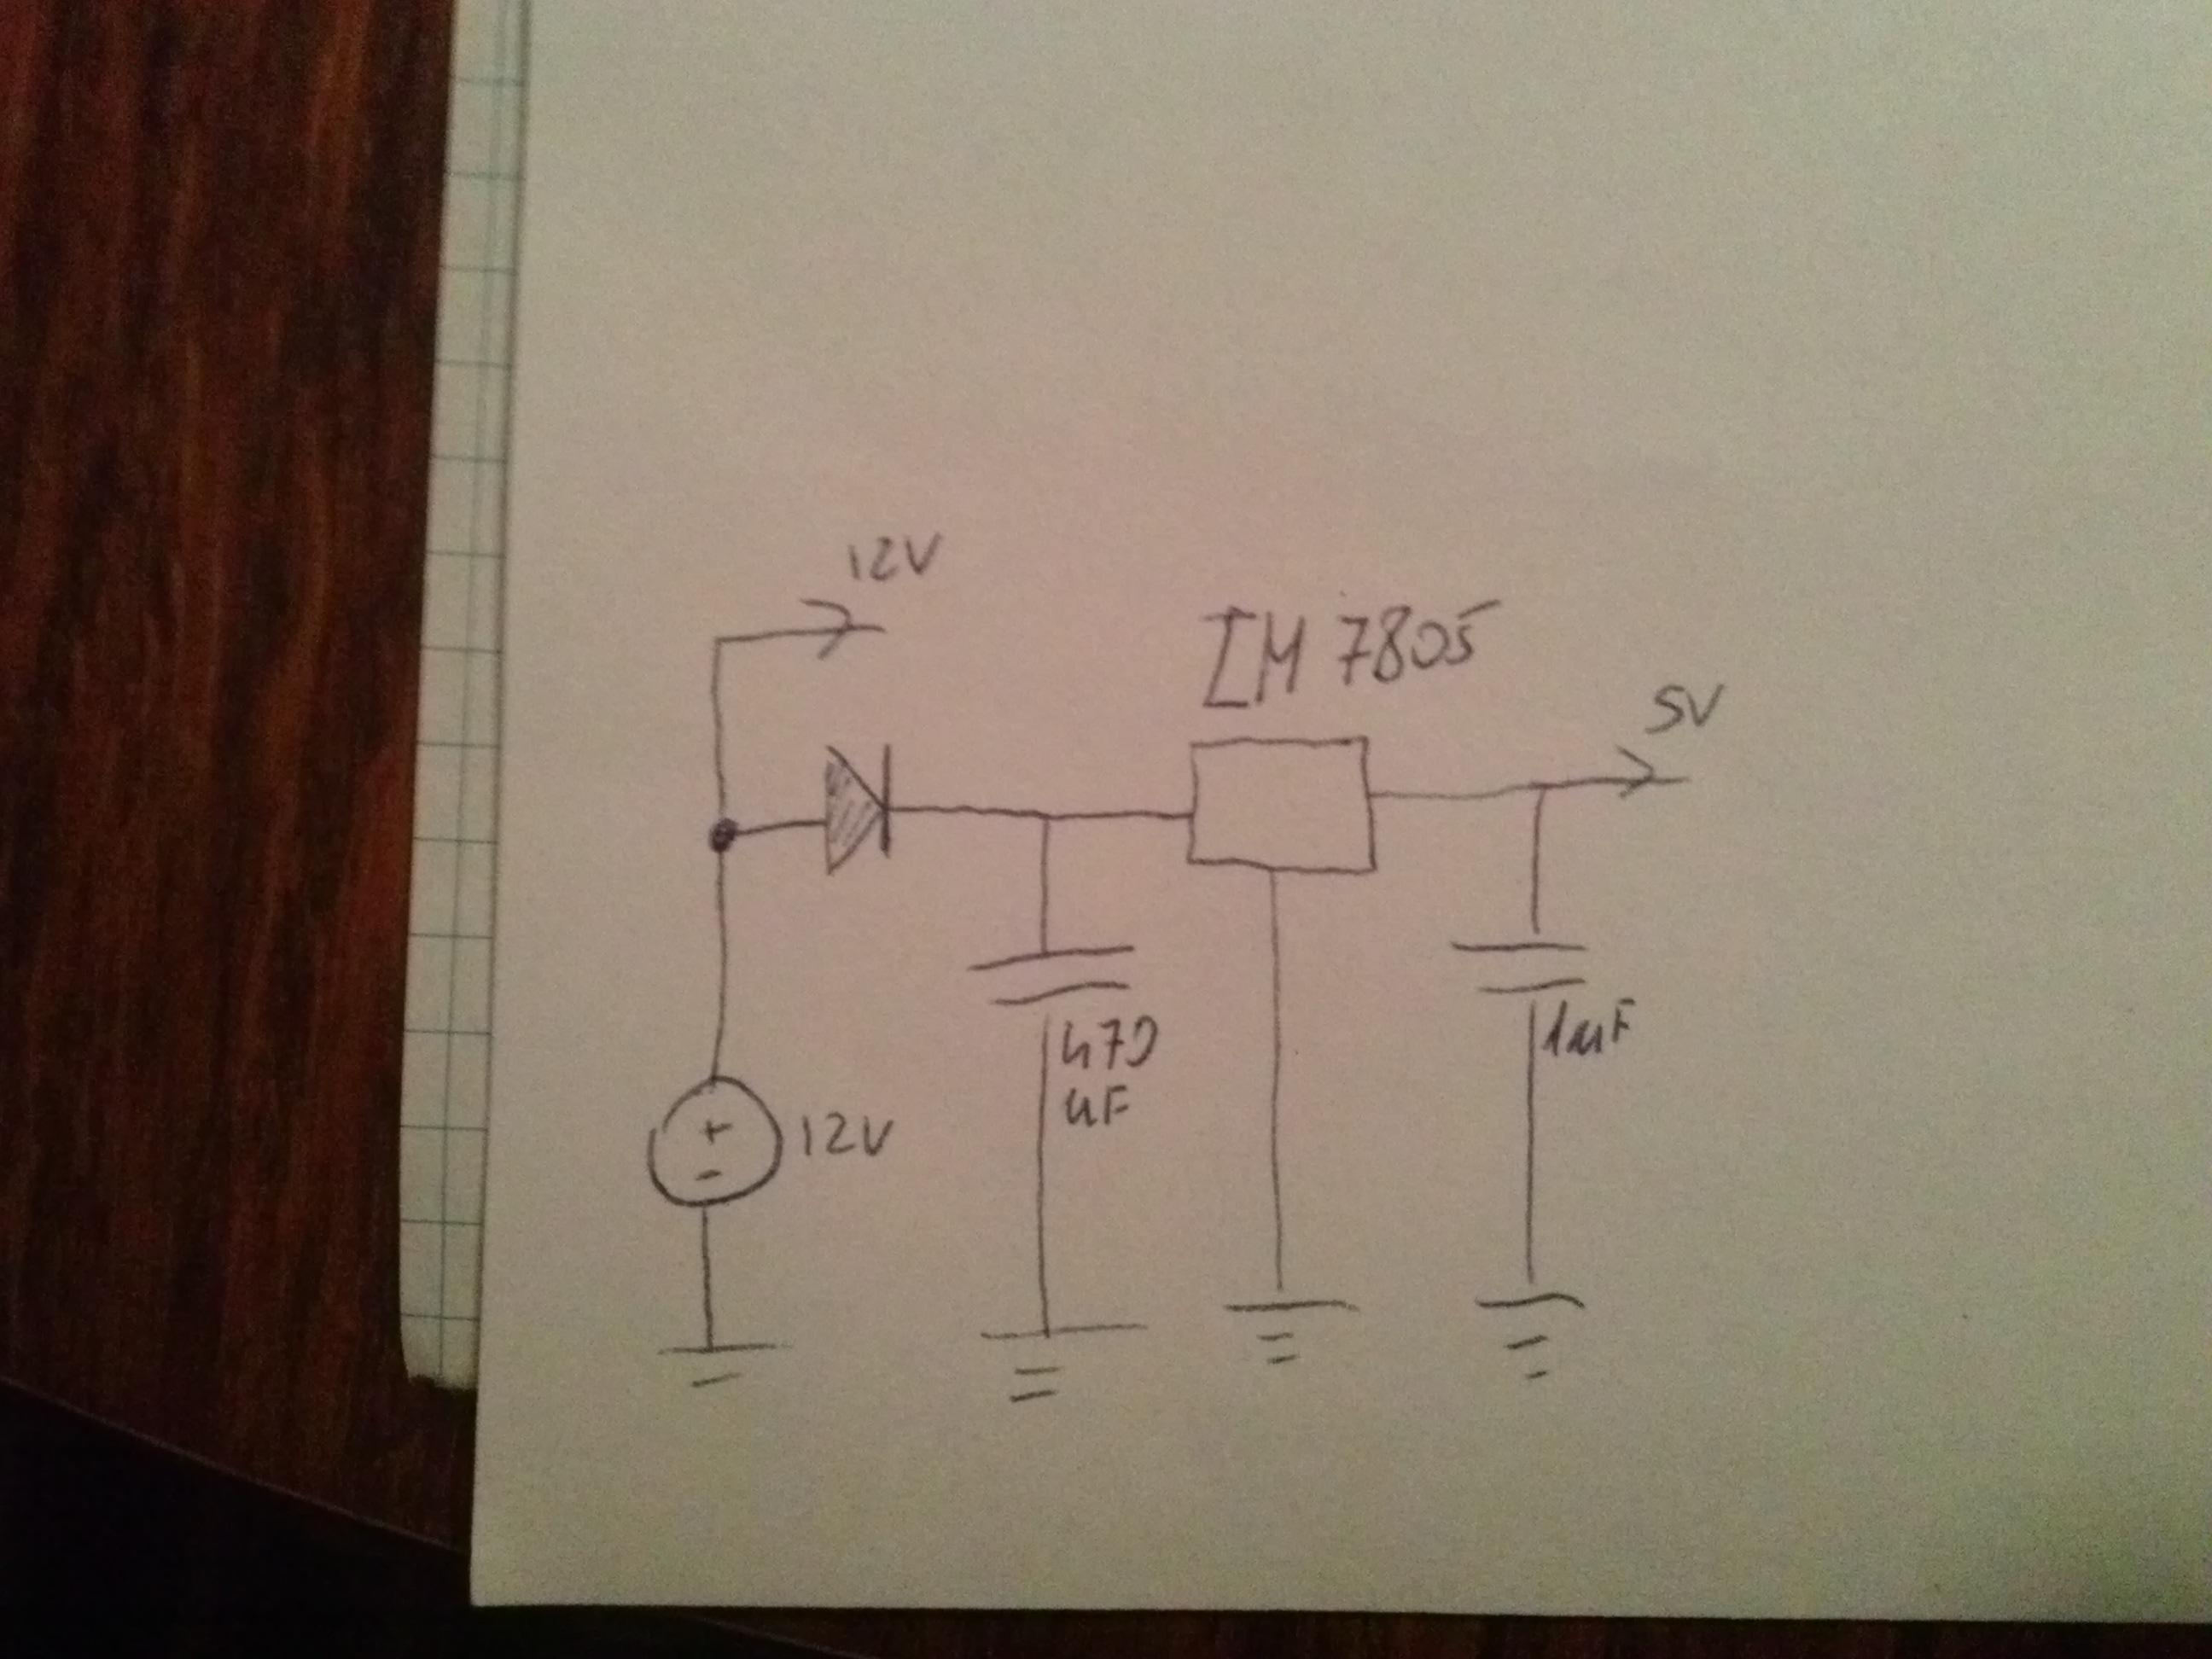 ATMEGA16 - Schemat ideowy-Uniwersalny programator czasowy.